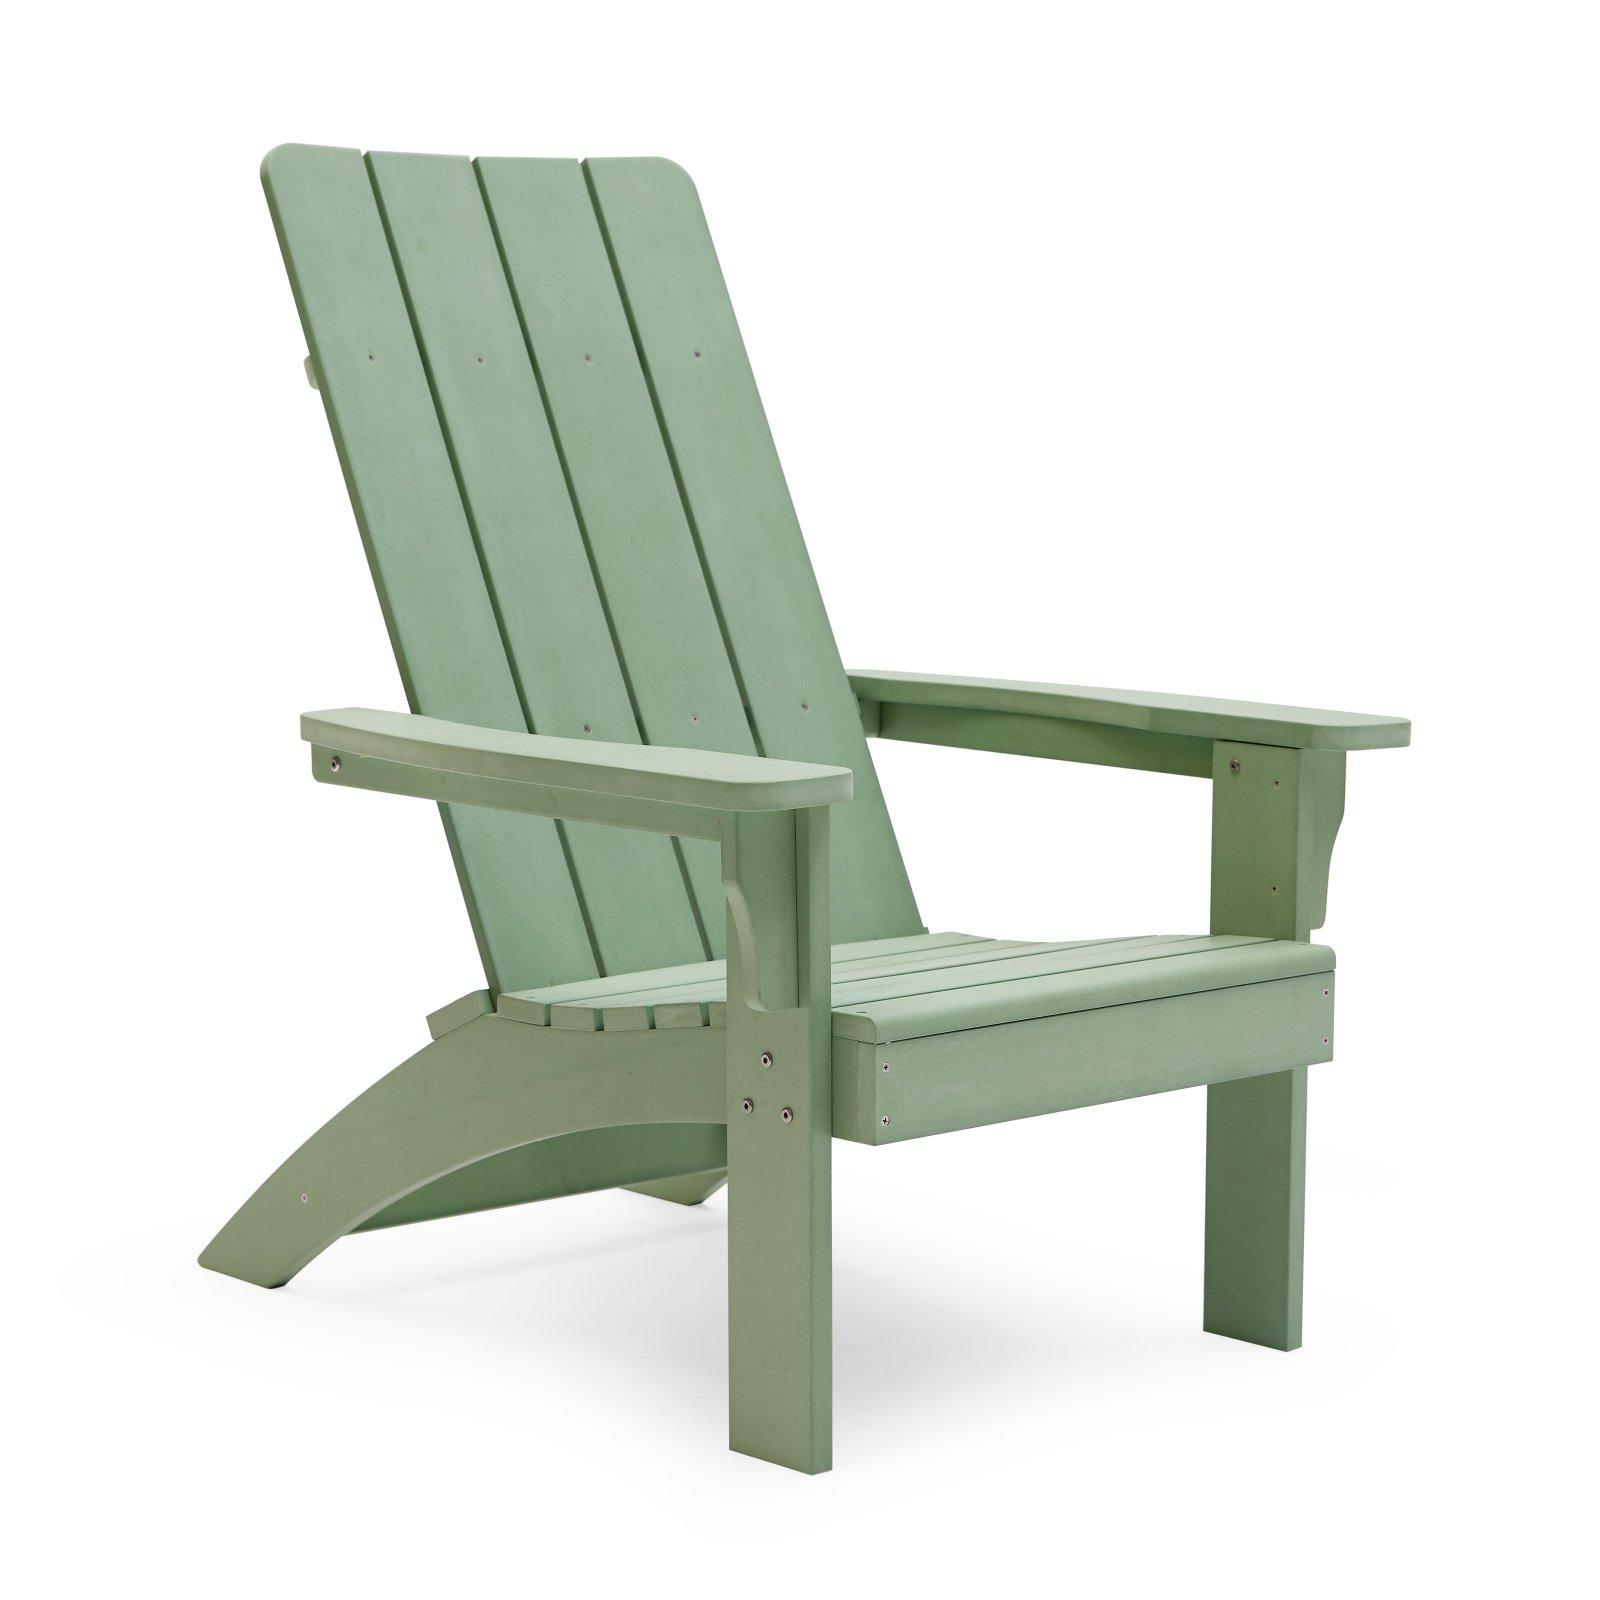 Outdoor Modrn Retro Glam Adirondack Chair Adirondack Chairs